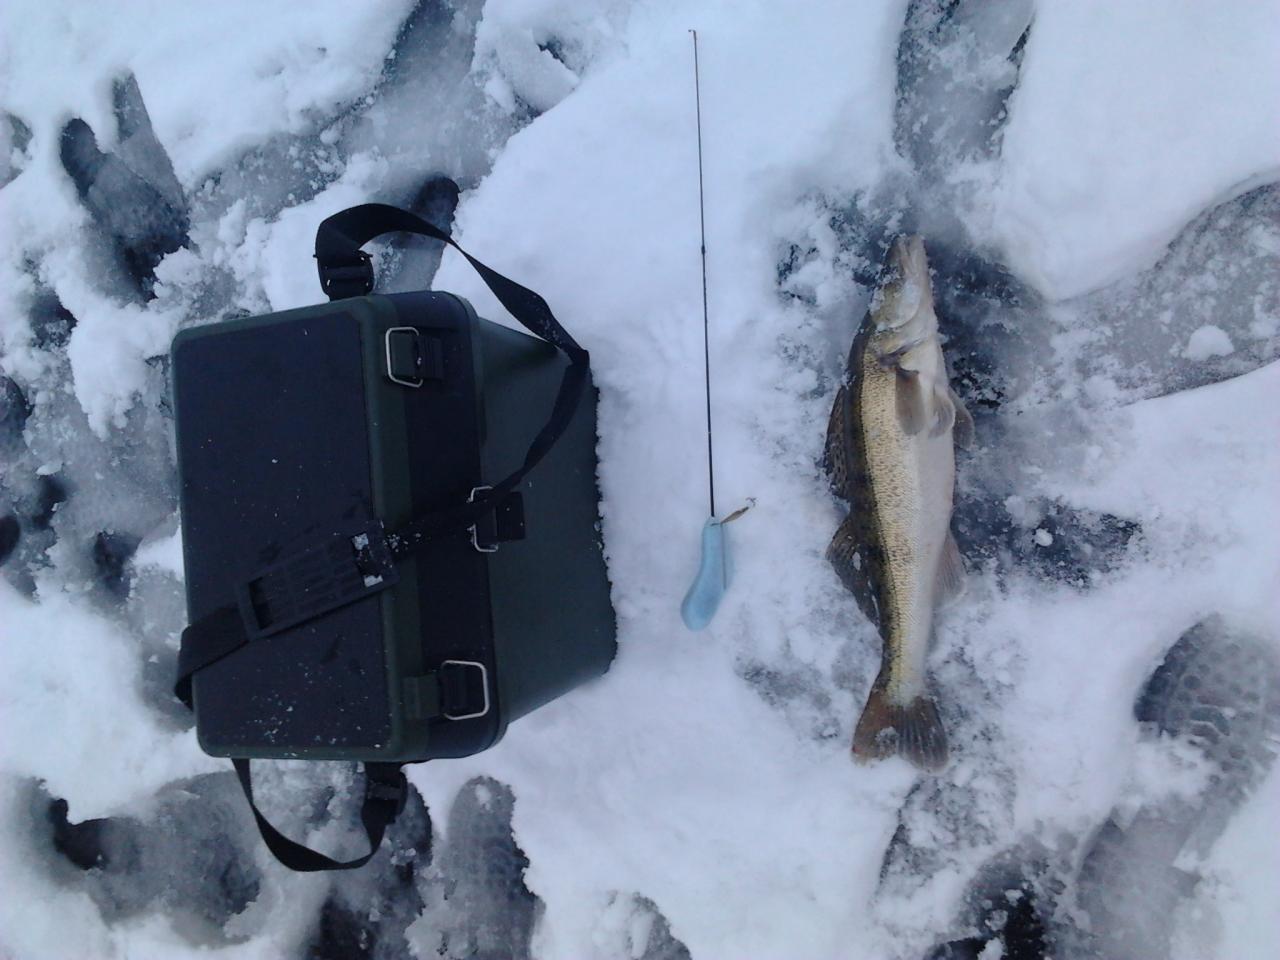 И я вчера побывал на данном водоеме, рыбачил ... | Отчеты о рыбалке в Беларуси